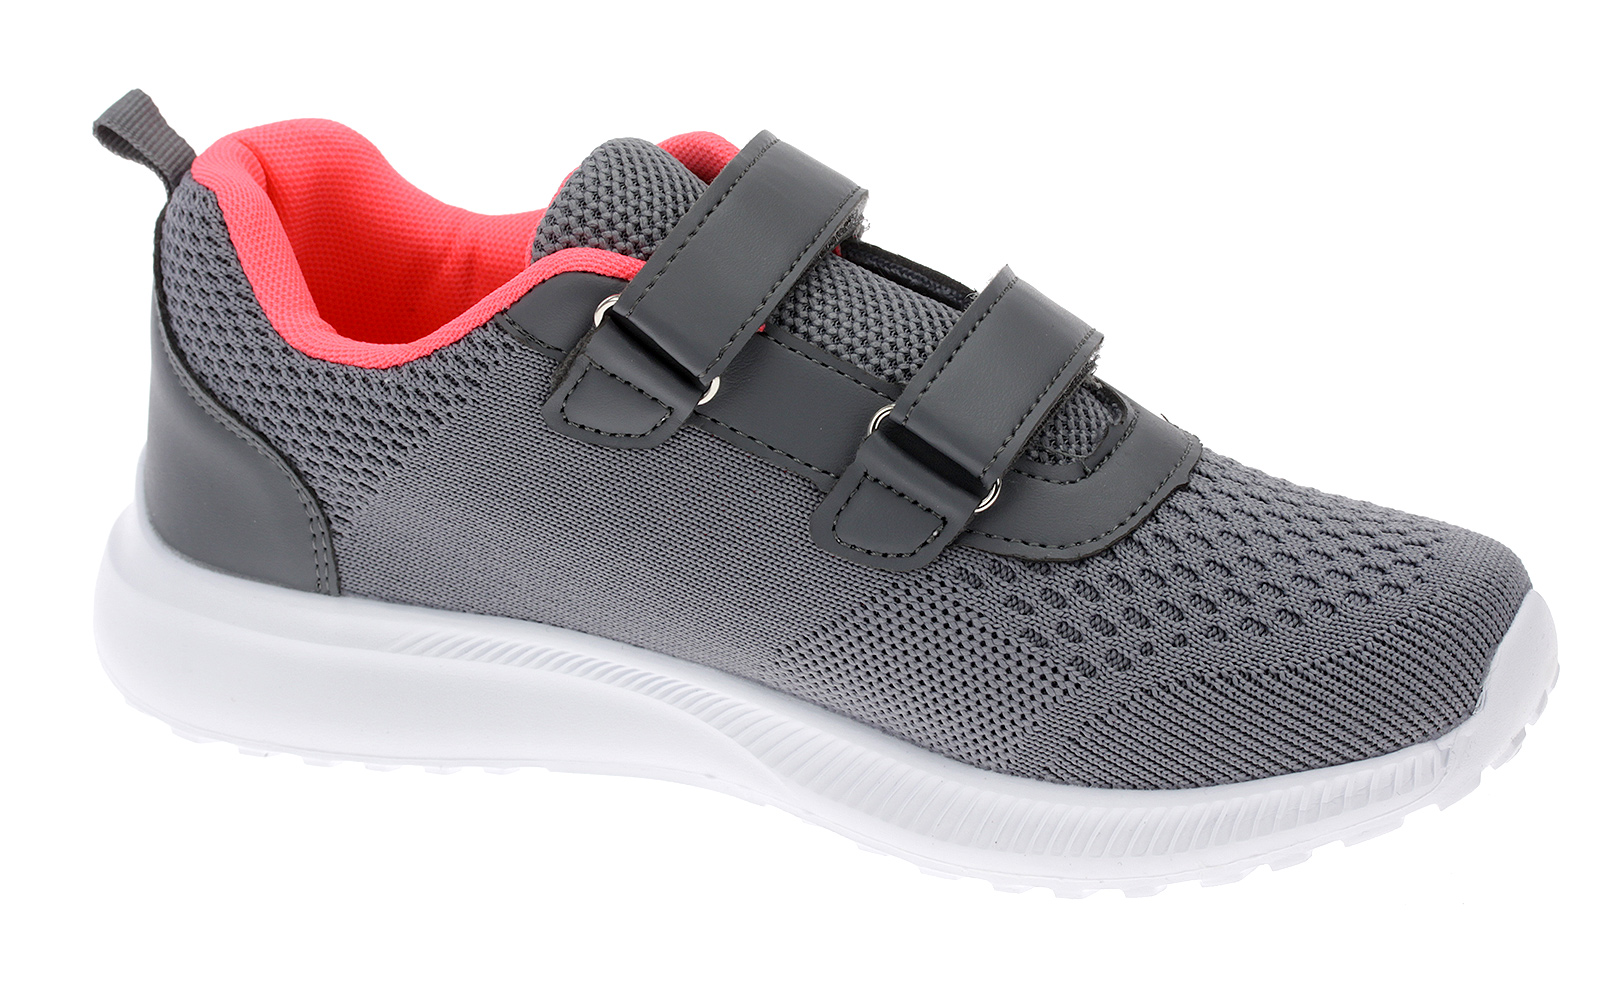 Mädchen Jungen Sneaker Sportschuhe Turnschuhe Laufschuhe 32-37 Schuhe K-CH028